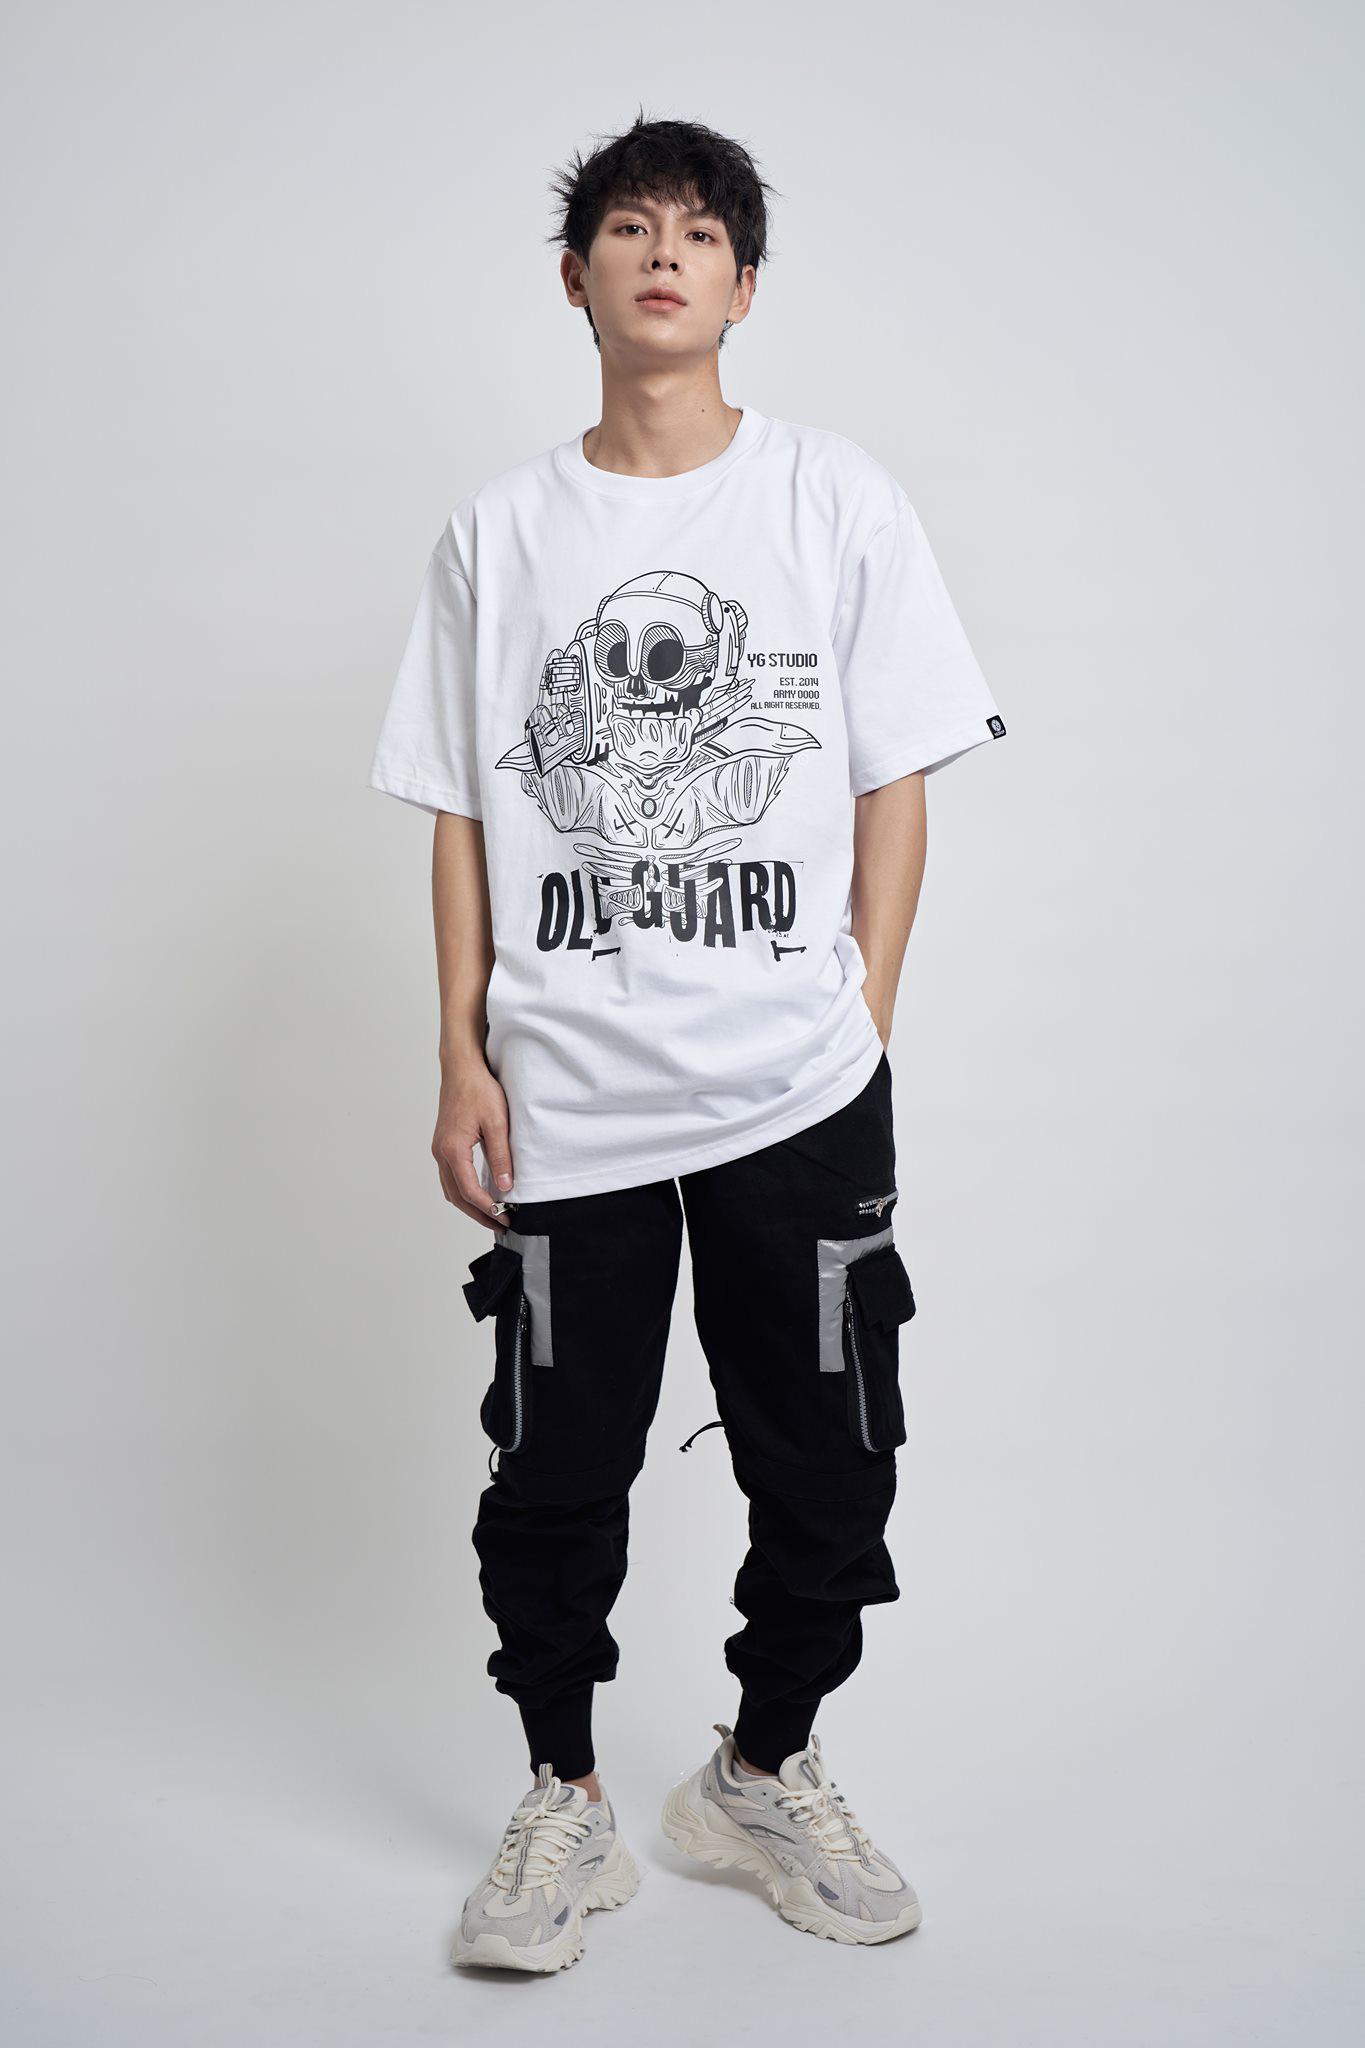 YG Shop - Ấn tượng với phong cách thời trang streetwear - Ảnh 1.